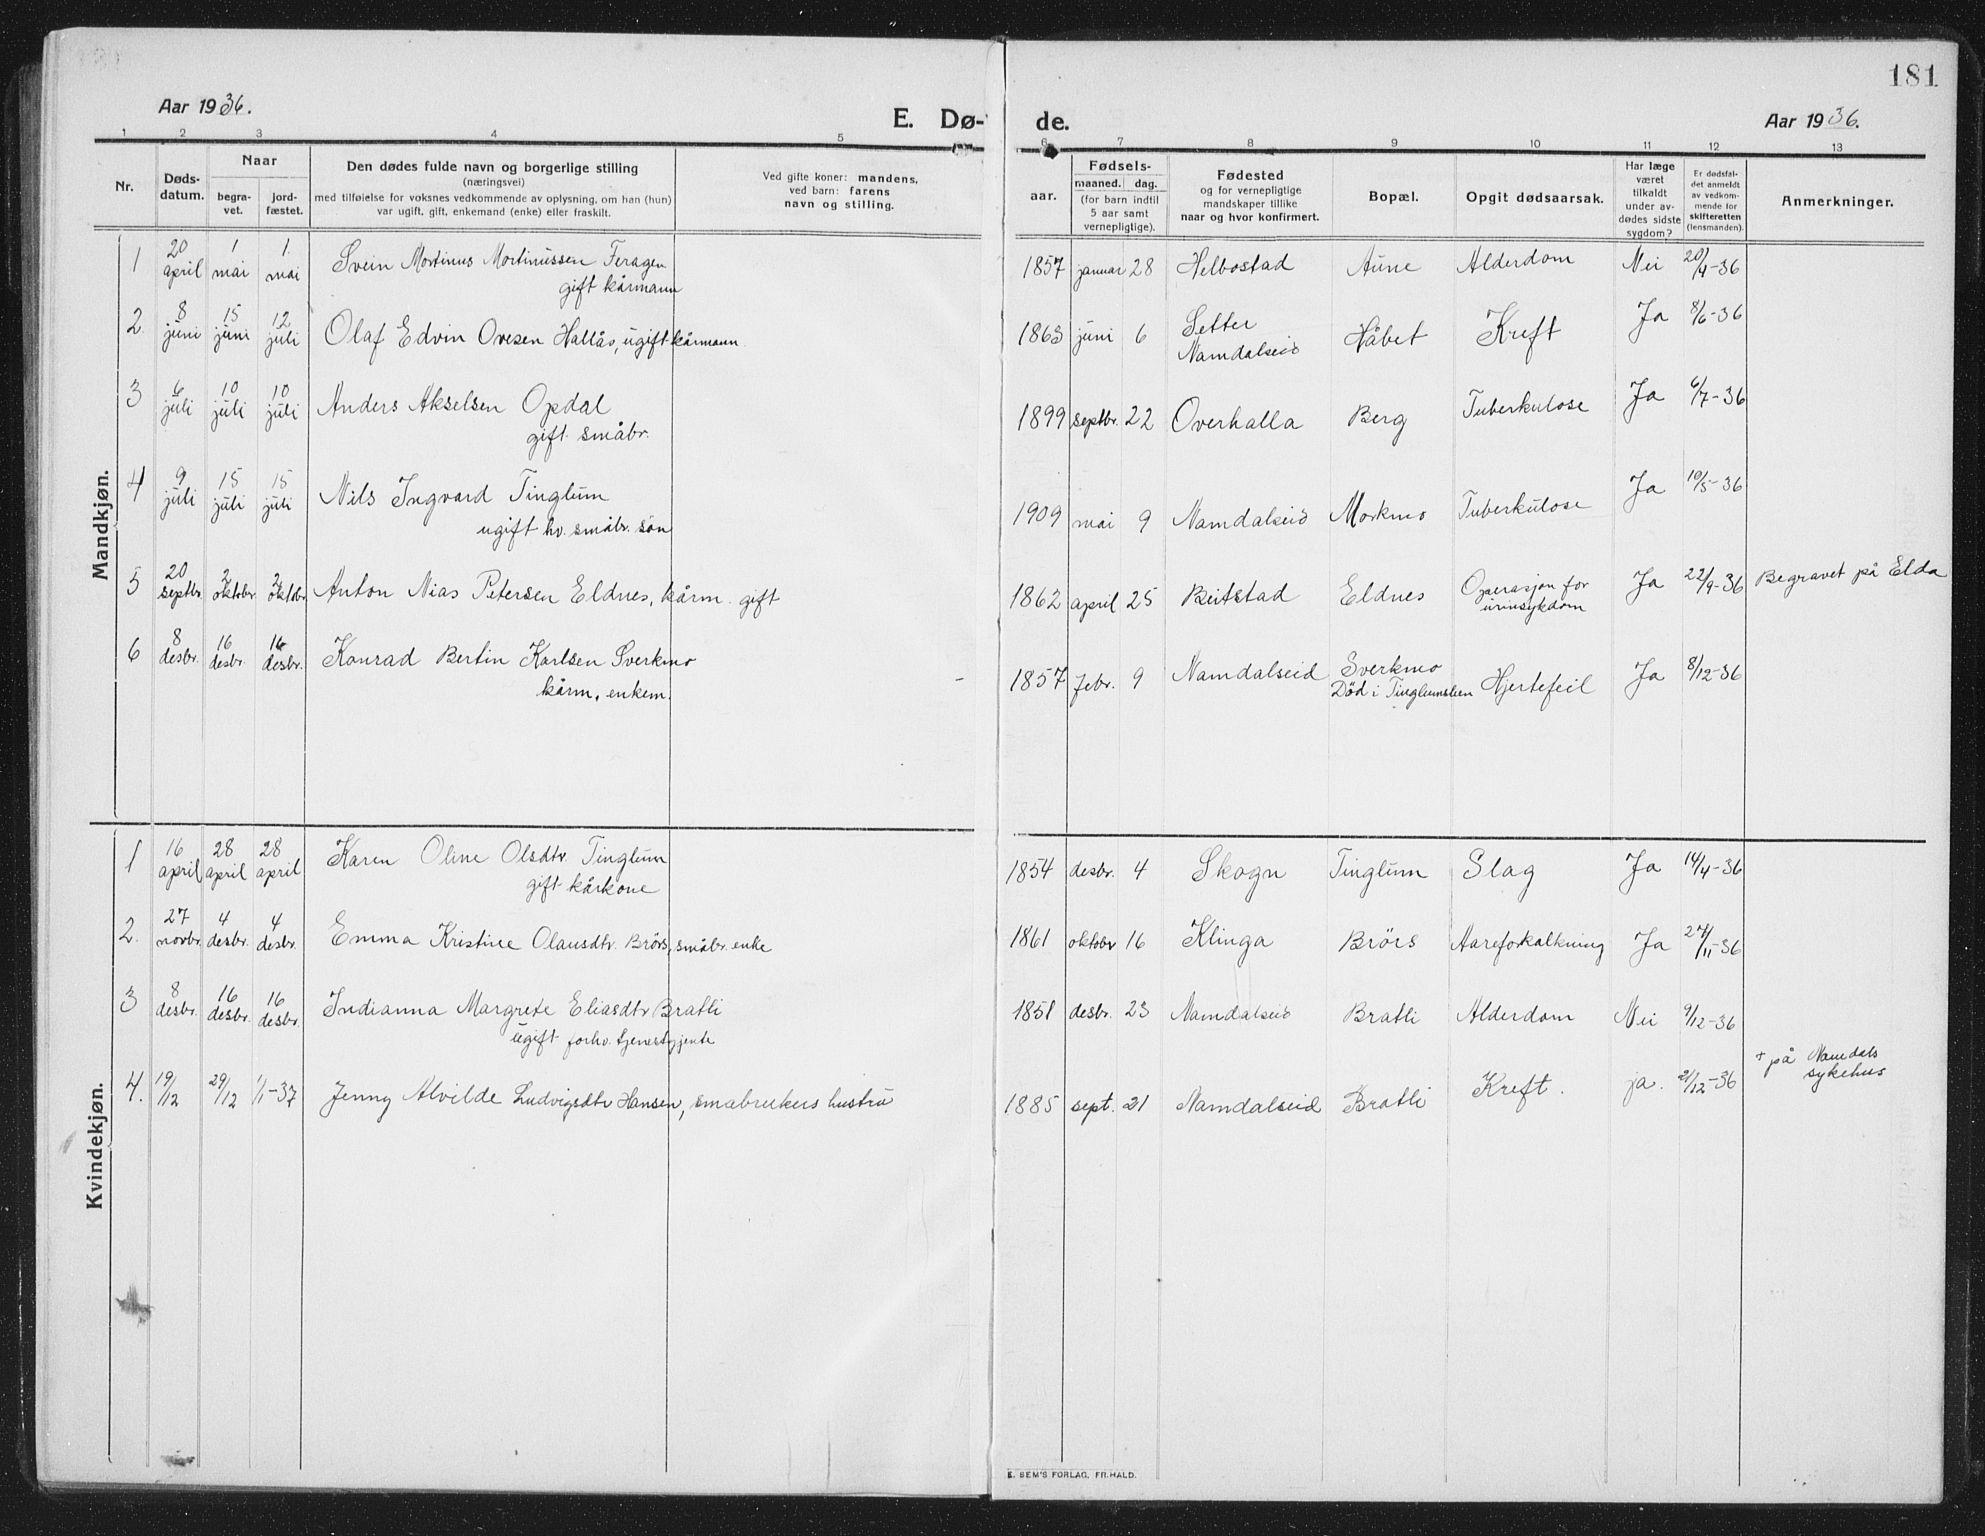 SAT, Ministerialprotokoller, klokkerbøker og fødselsregistre - Nord-Trøndelag, 742/L0413: Klokkerbok nr. 742C04, 1911-1938, s. 181